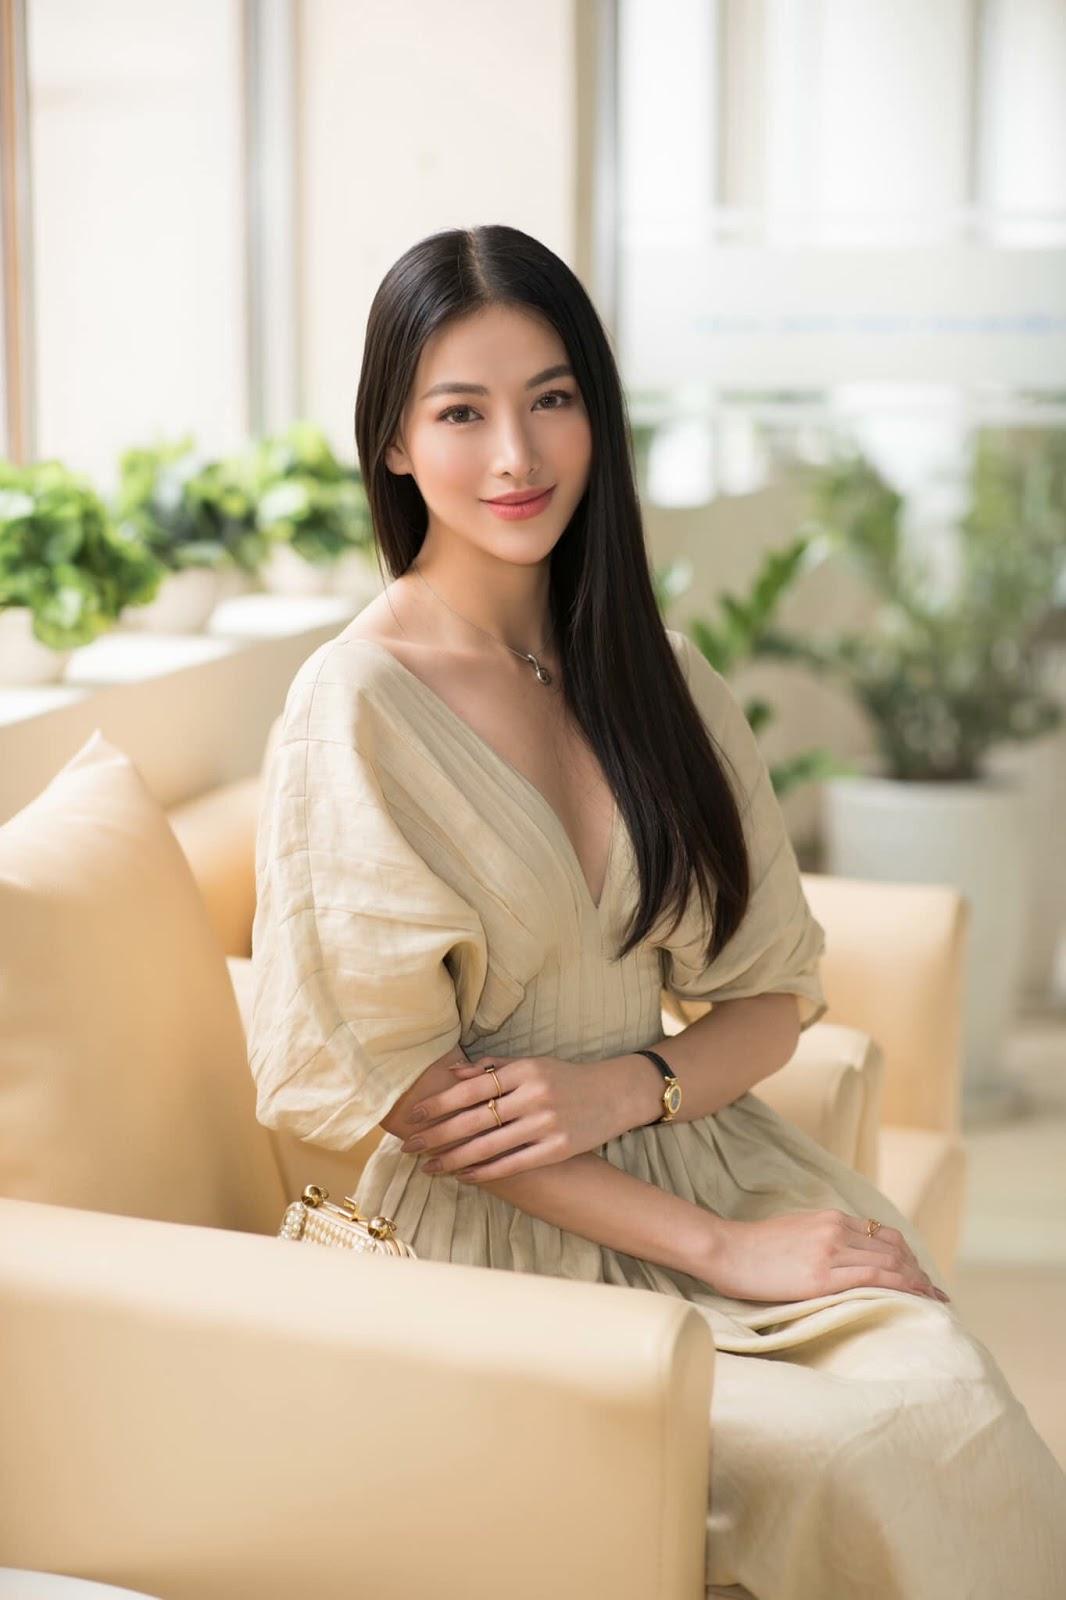 Anh trai lên tiếng giải oan cho Hoa hậu Phương Khánh khi bị chê mỗi ngày một gương mặt - Hình 15